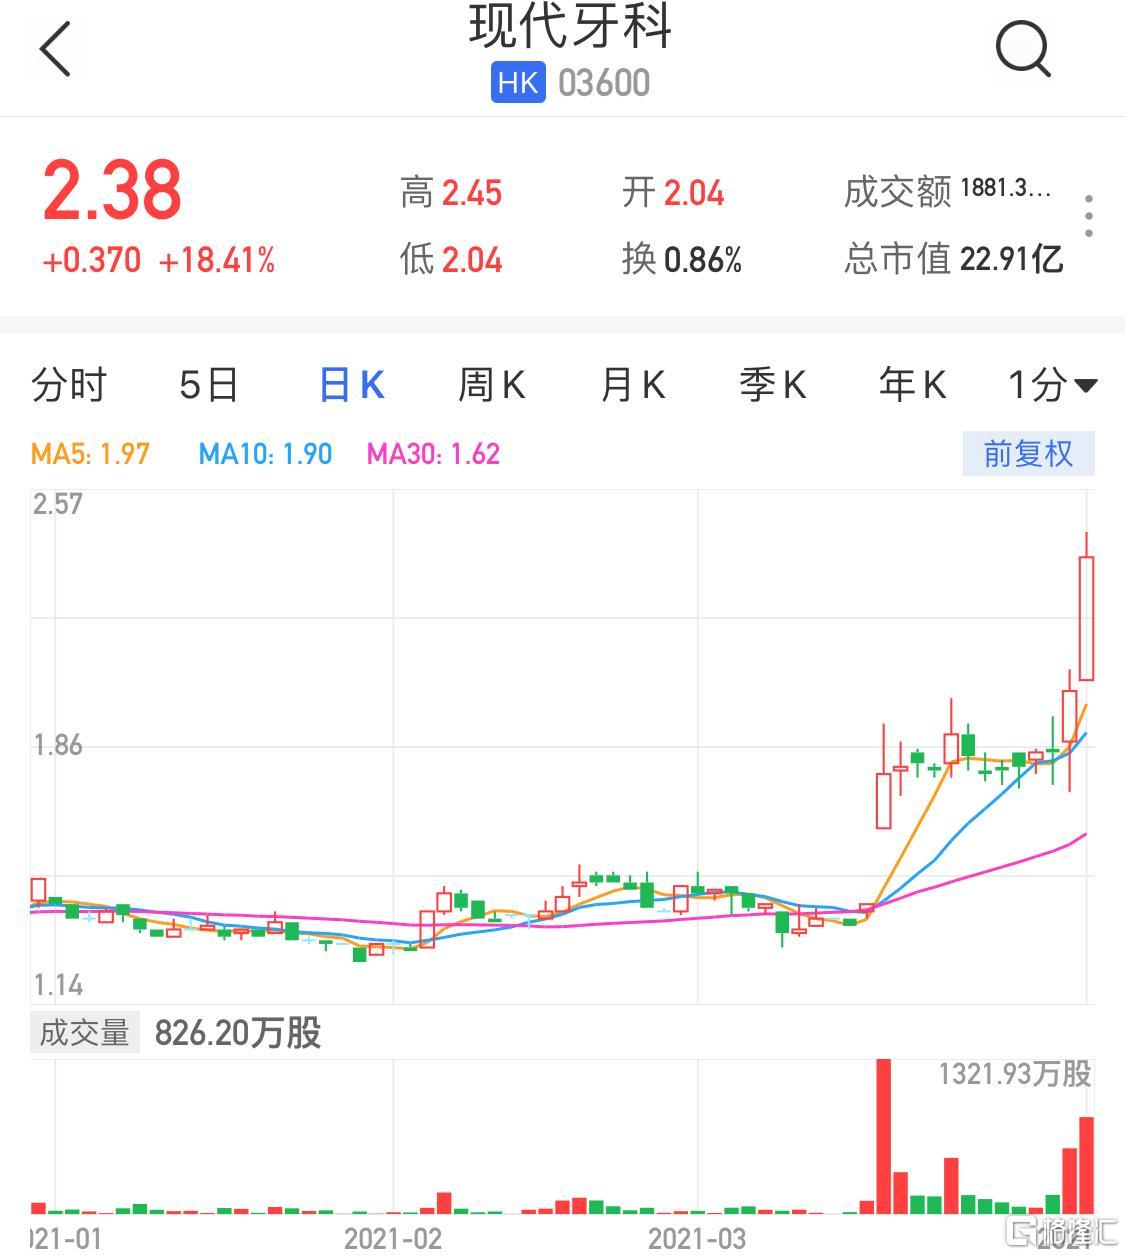 港股异动|现代牙科(3600.HK)飙涨逾18% 2020年核心业务溢利同比增长36.9%